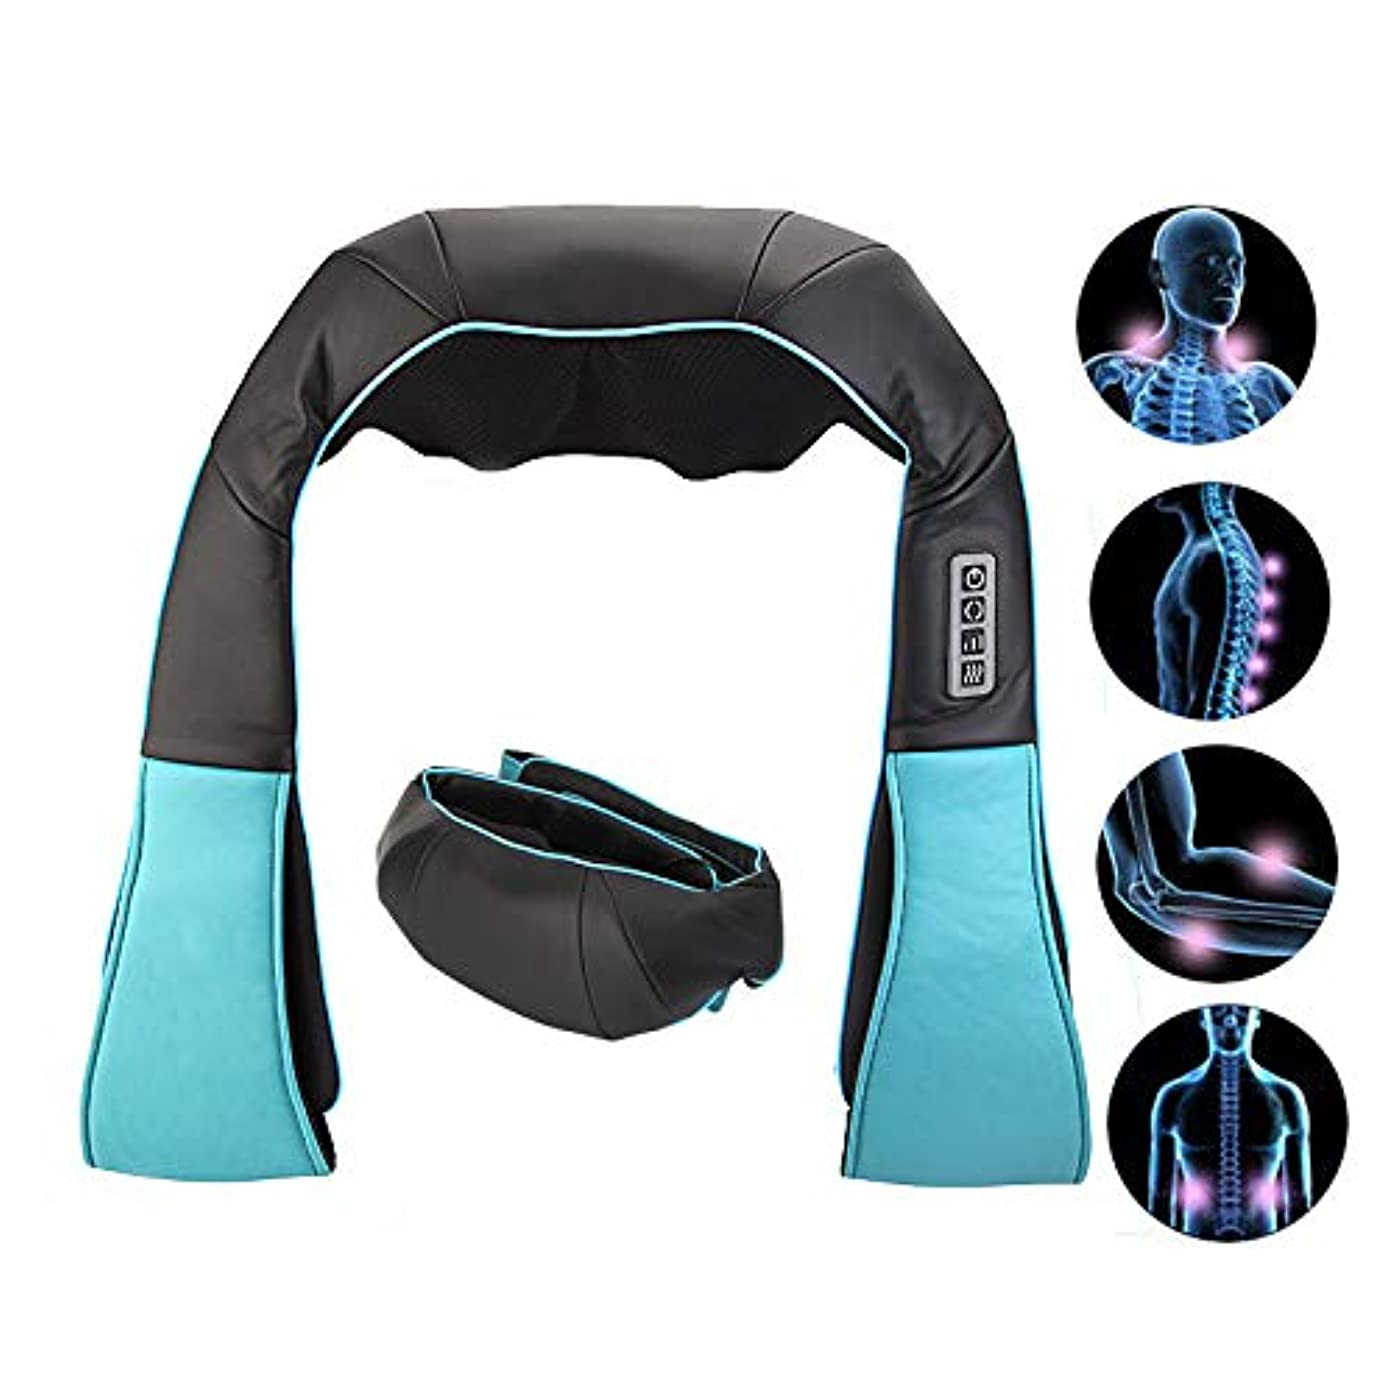 裁定辛なくつろぐ肩、脚、体の筋肉の痛みを和らげる、なだめるような熱を備えた電気指圧バックネックと肩のマッサージャー